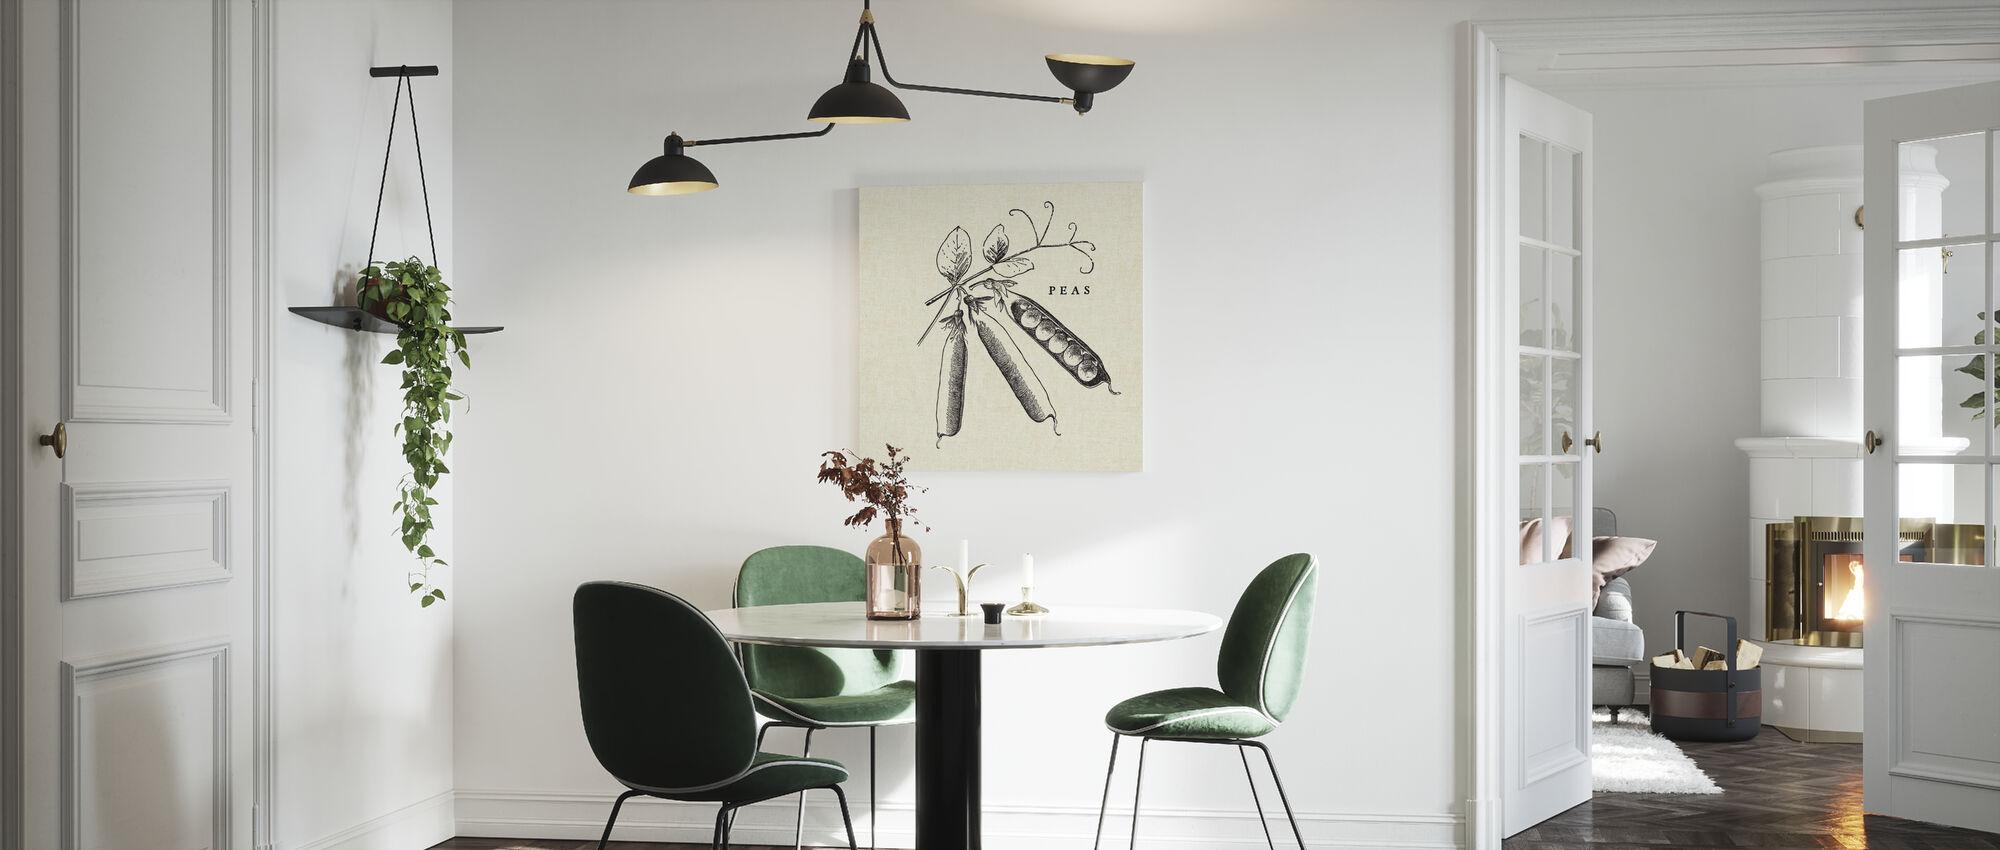 Kjøkken Illustrasjon - Erter - Lerretsbilde - Kjøkken